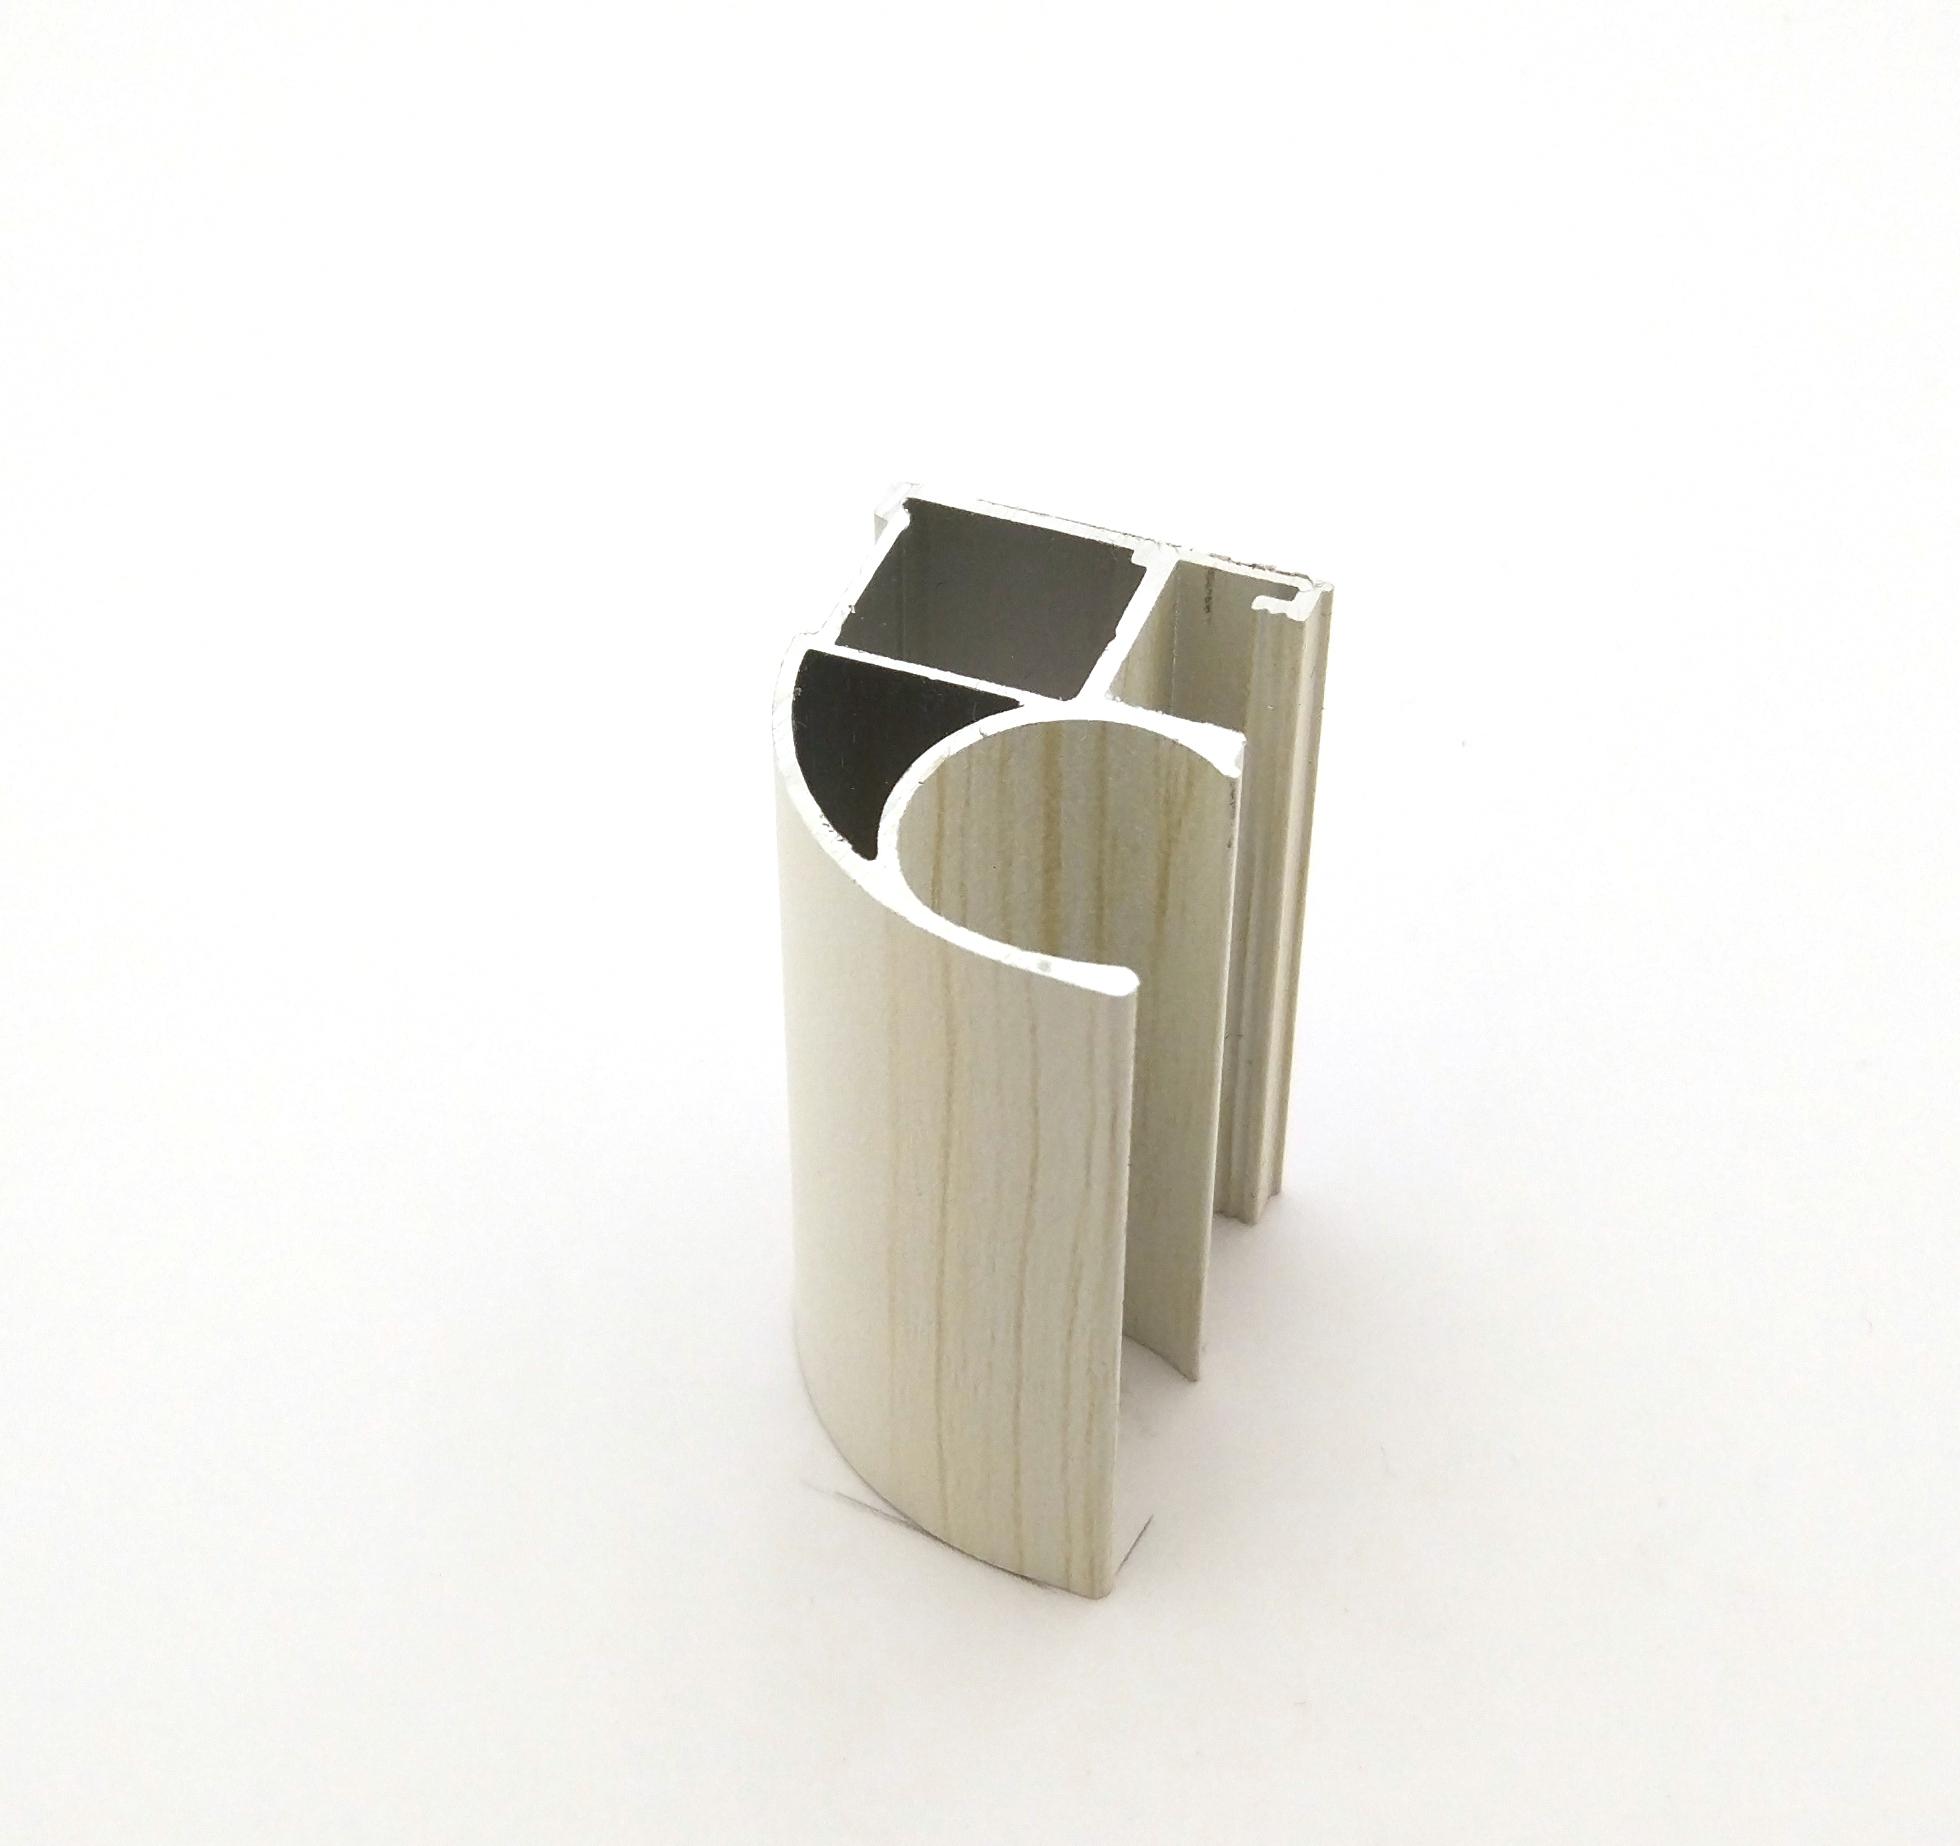 АФ Профиль вертикальный открытый MEDIUM, береза, 5400мм